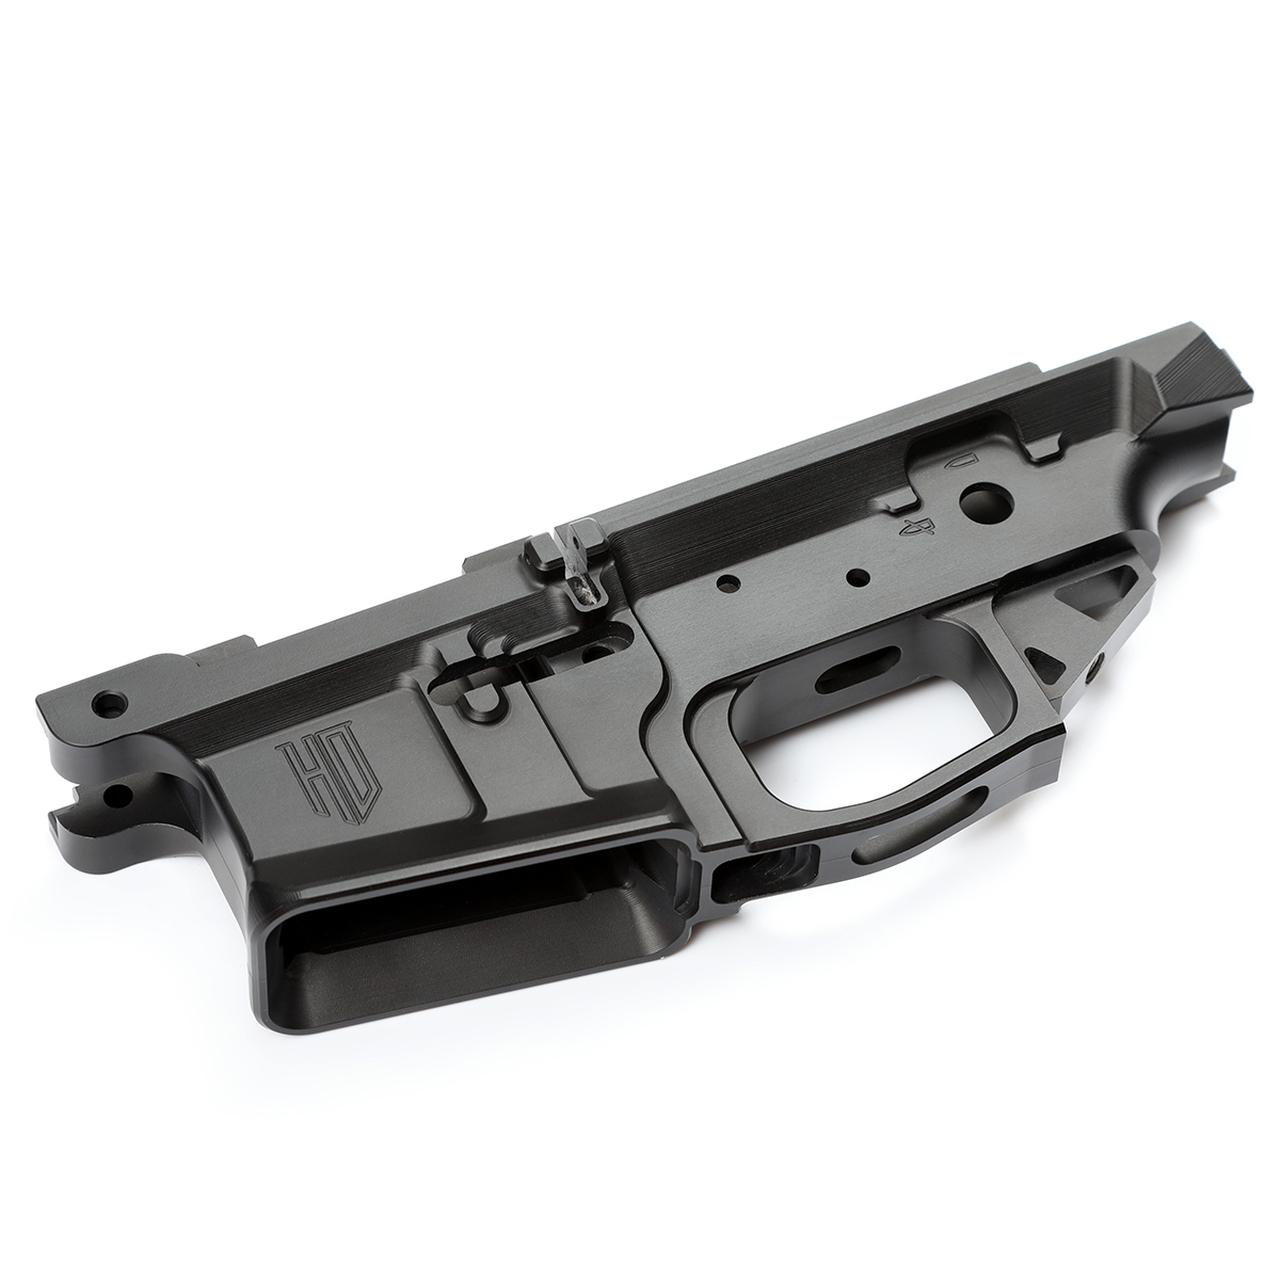 haga defense aluminum bren 2 lower 7.62x39 556 bren rifle 556